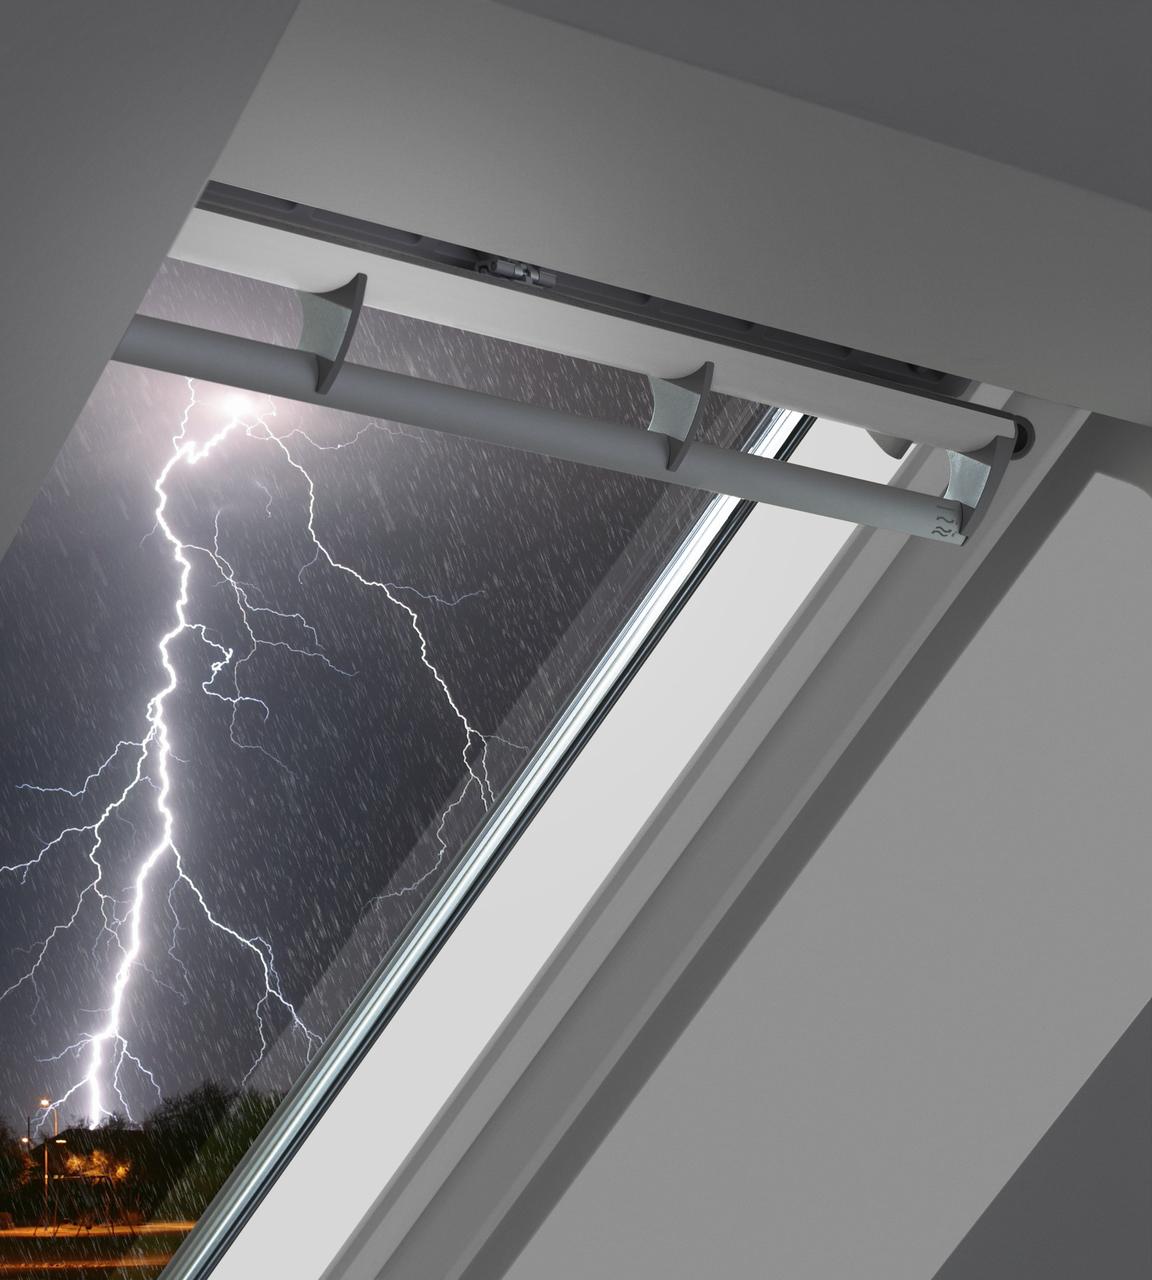 Infiltrazioni d 39 acqua tra telaio e muro finestra di et for Velux installatori